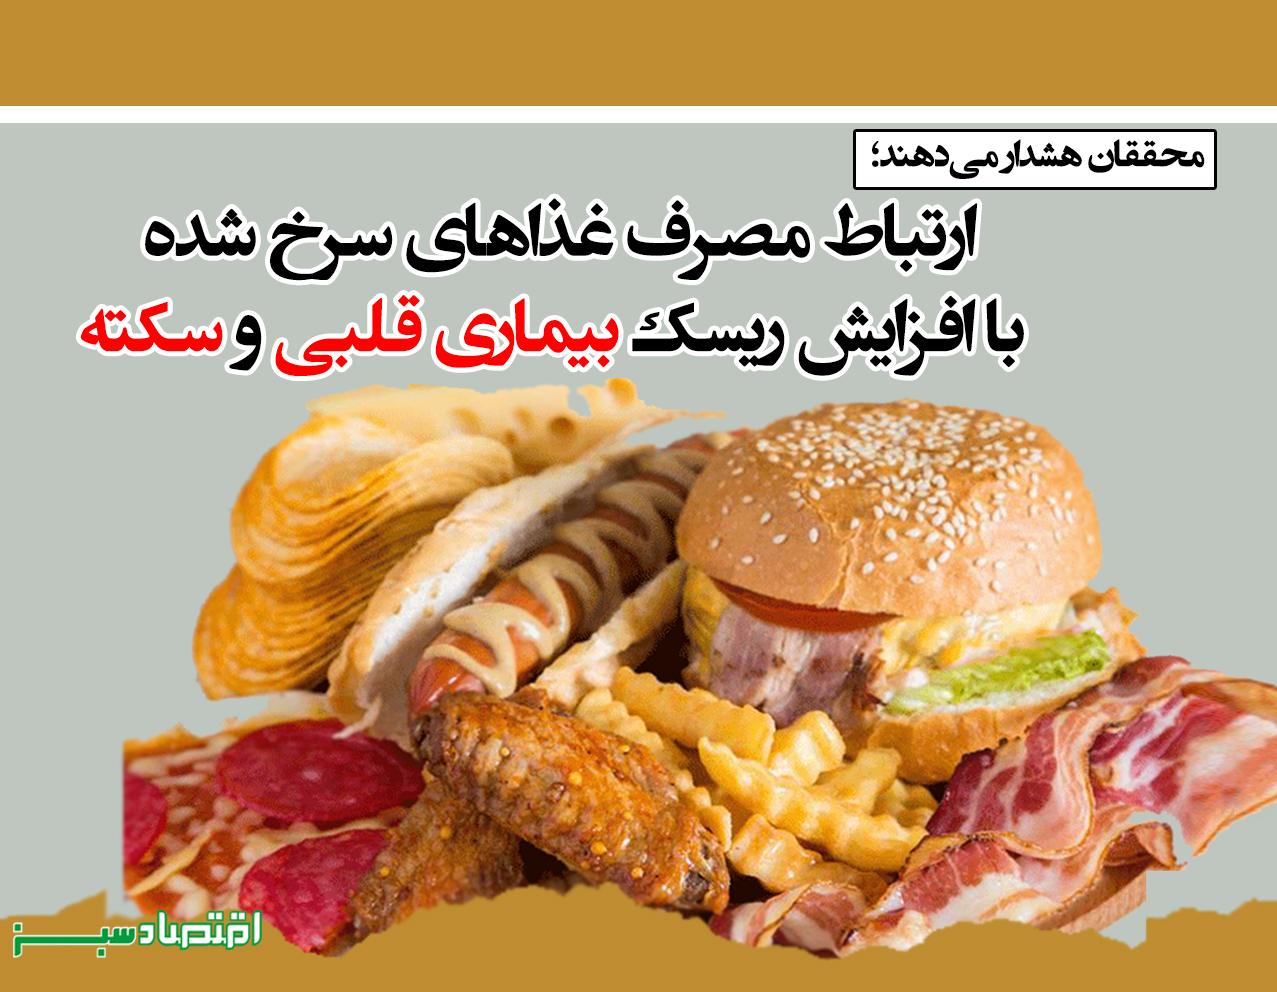 ارتباط مصرف غذاهای سرخ شده با افزایش ریسک بیماری قلبی و سکته